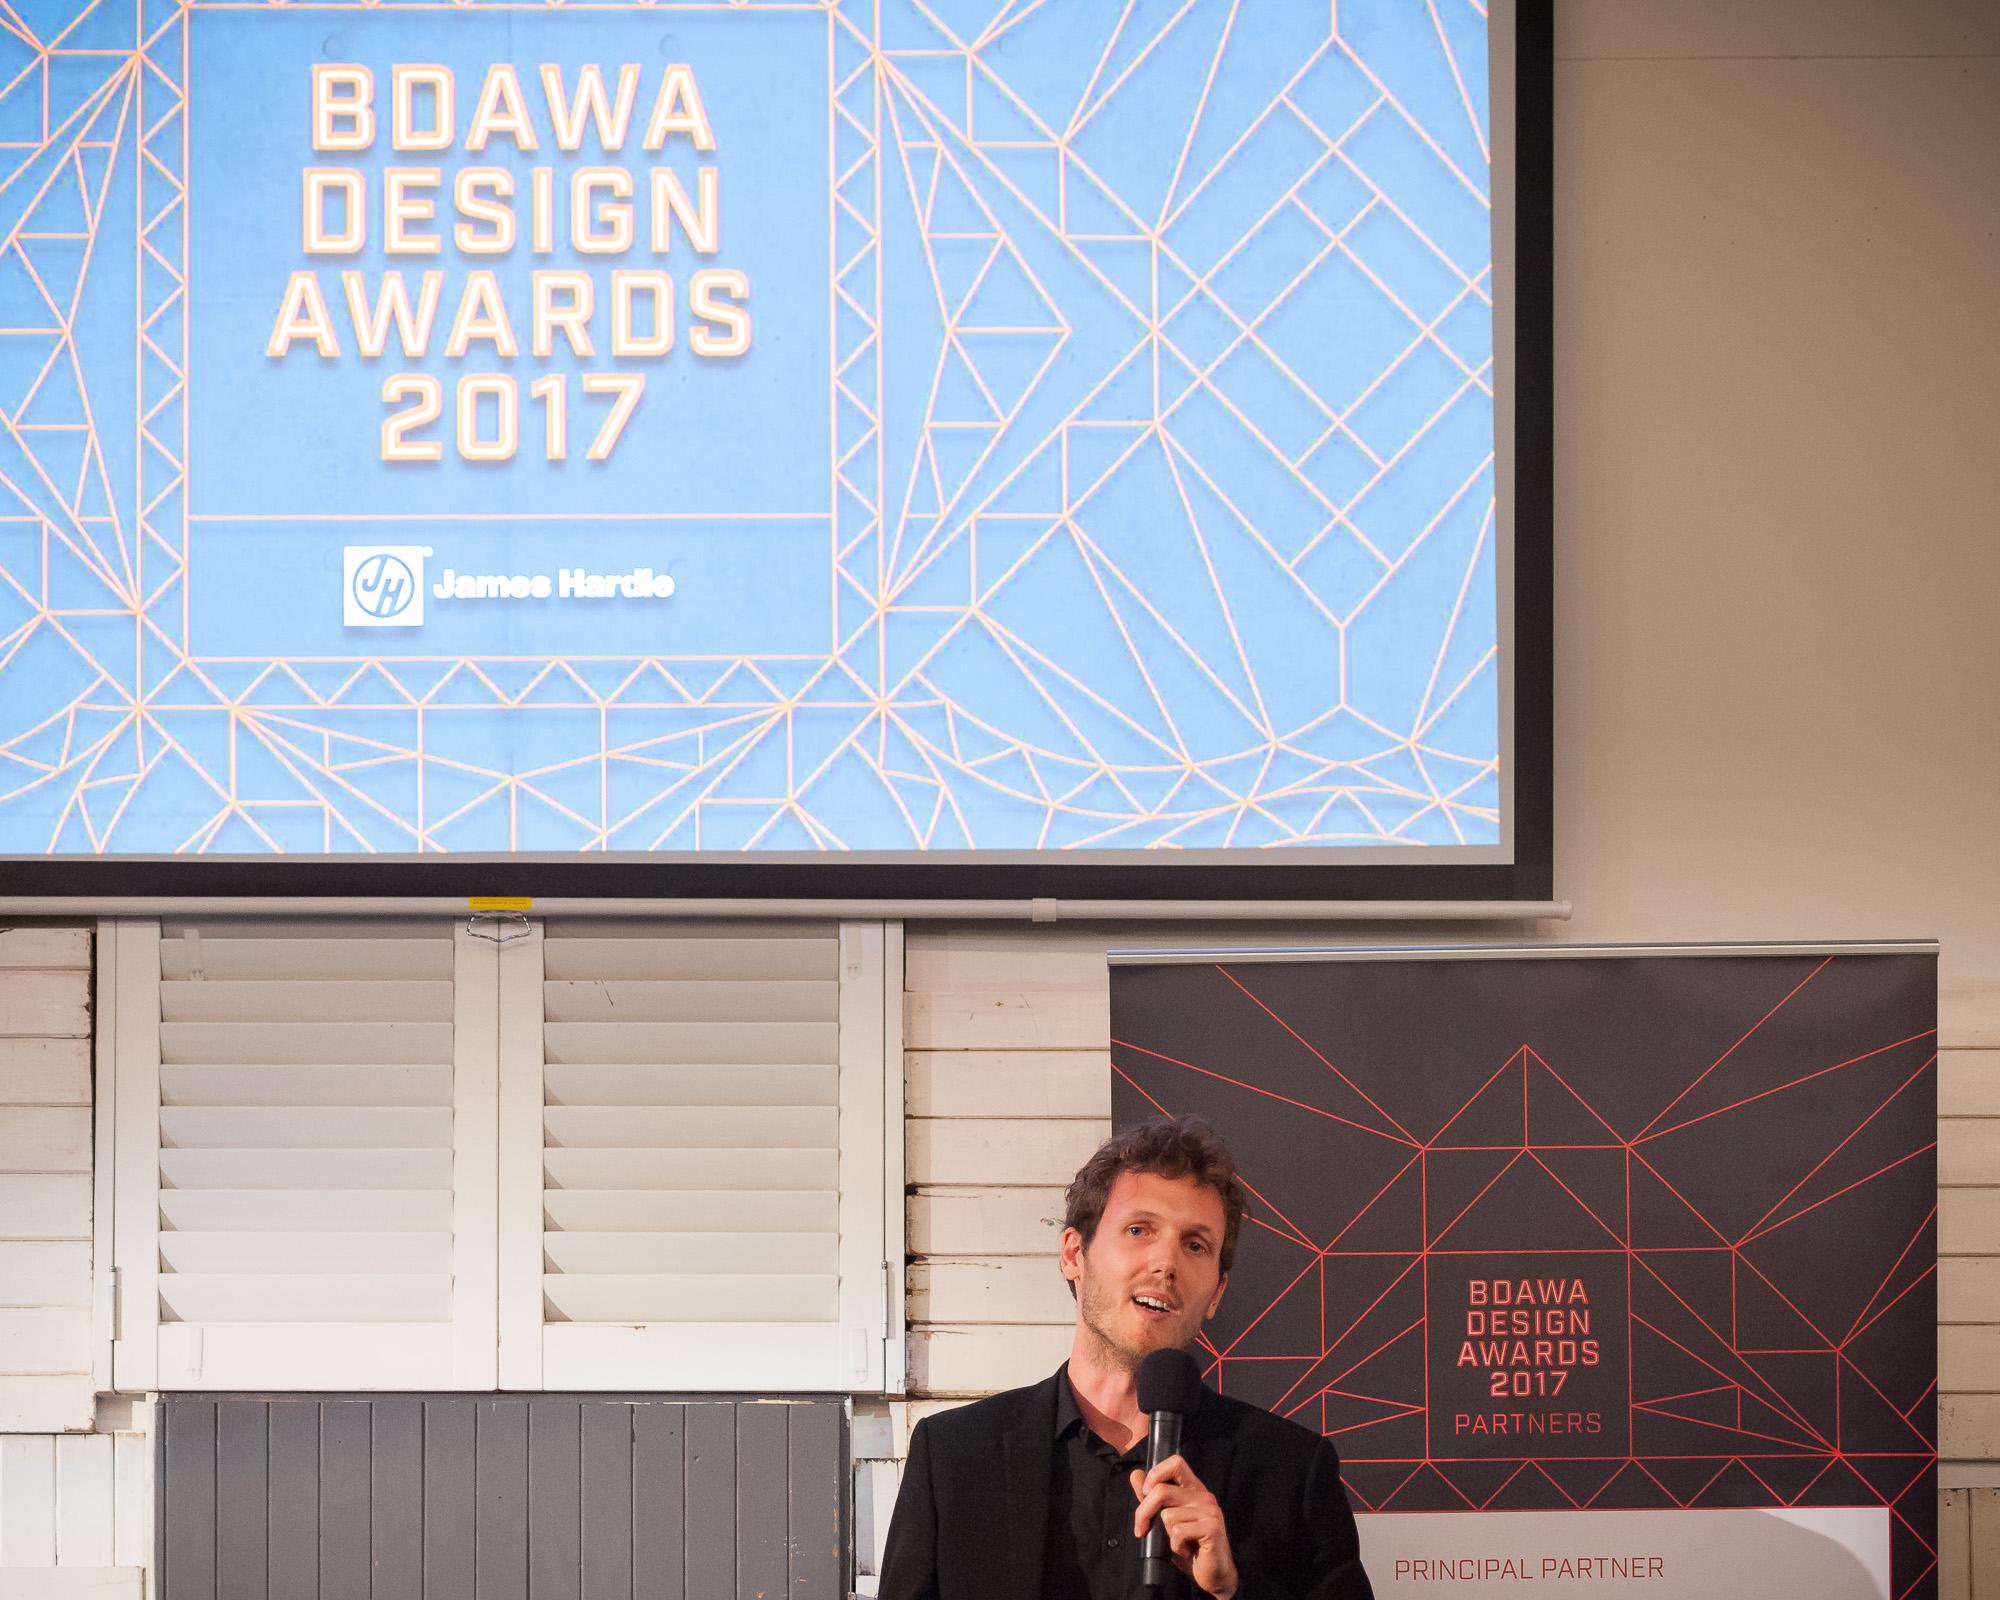 0082 BDA WA Awards 2017 _JHG3627.jpg